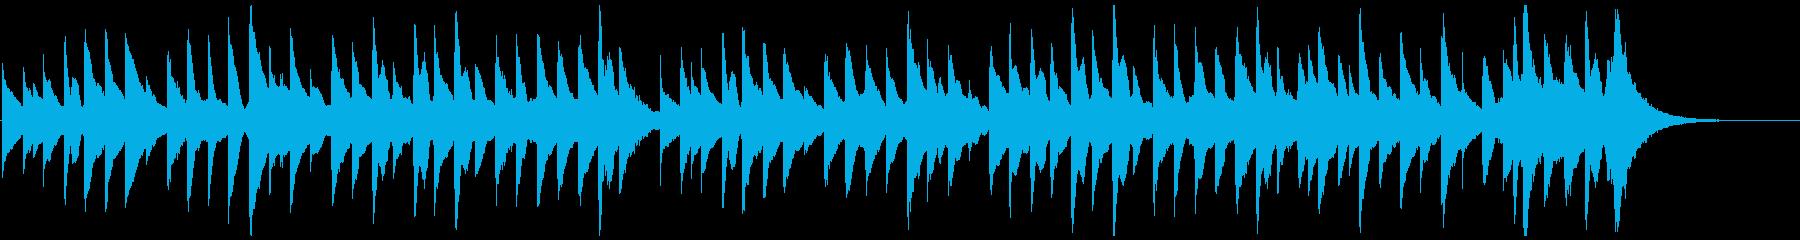 【童謡】シャボン玉(オルゴール)の再生済みの波形